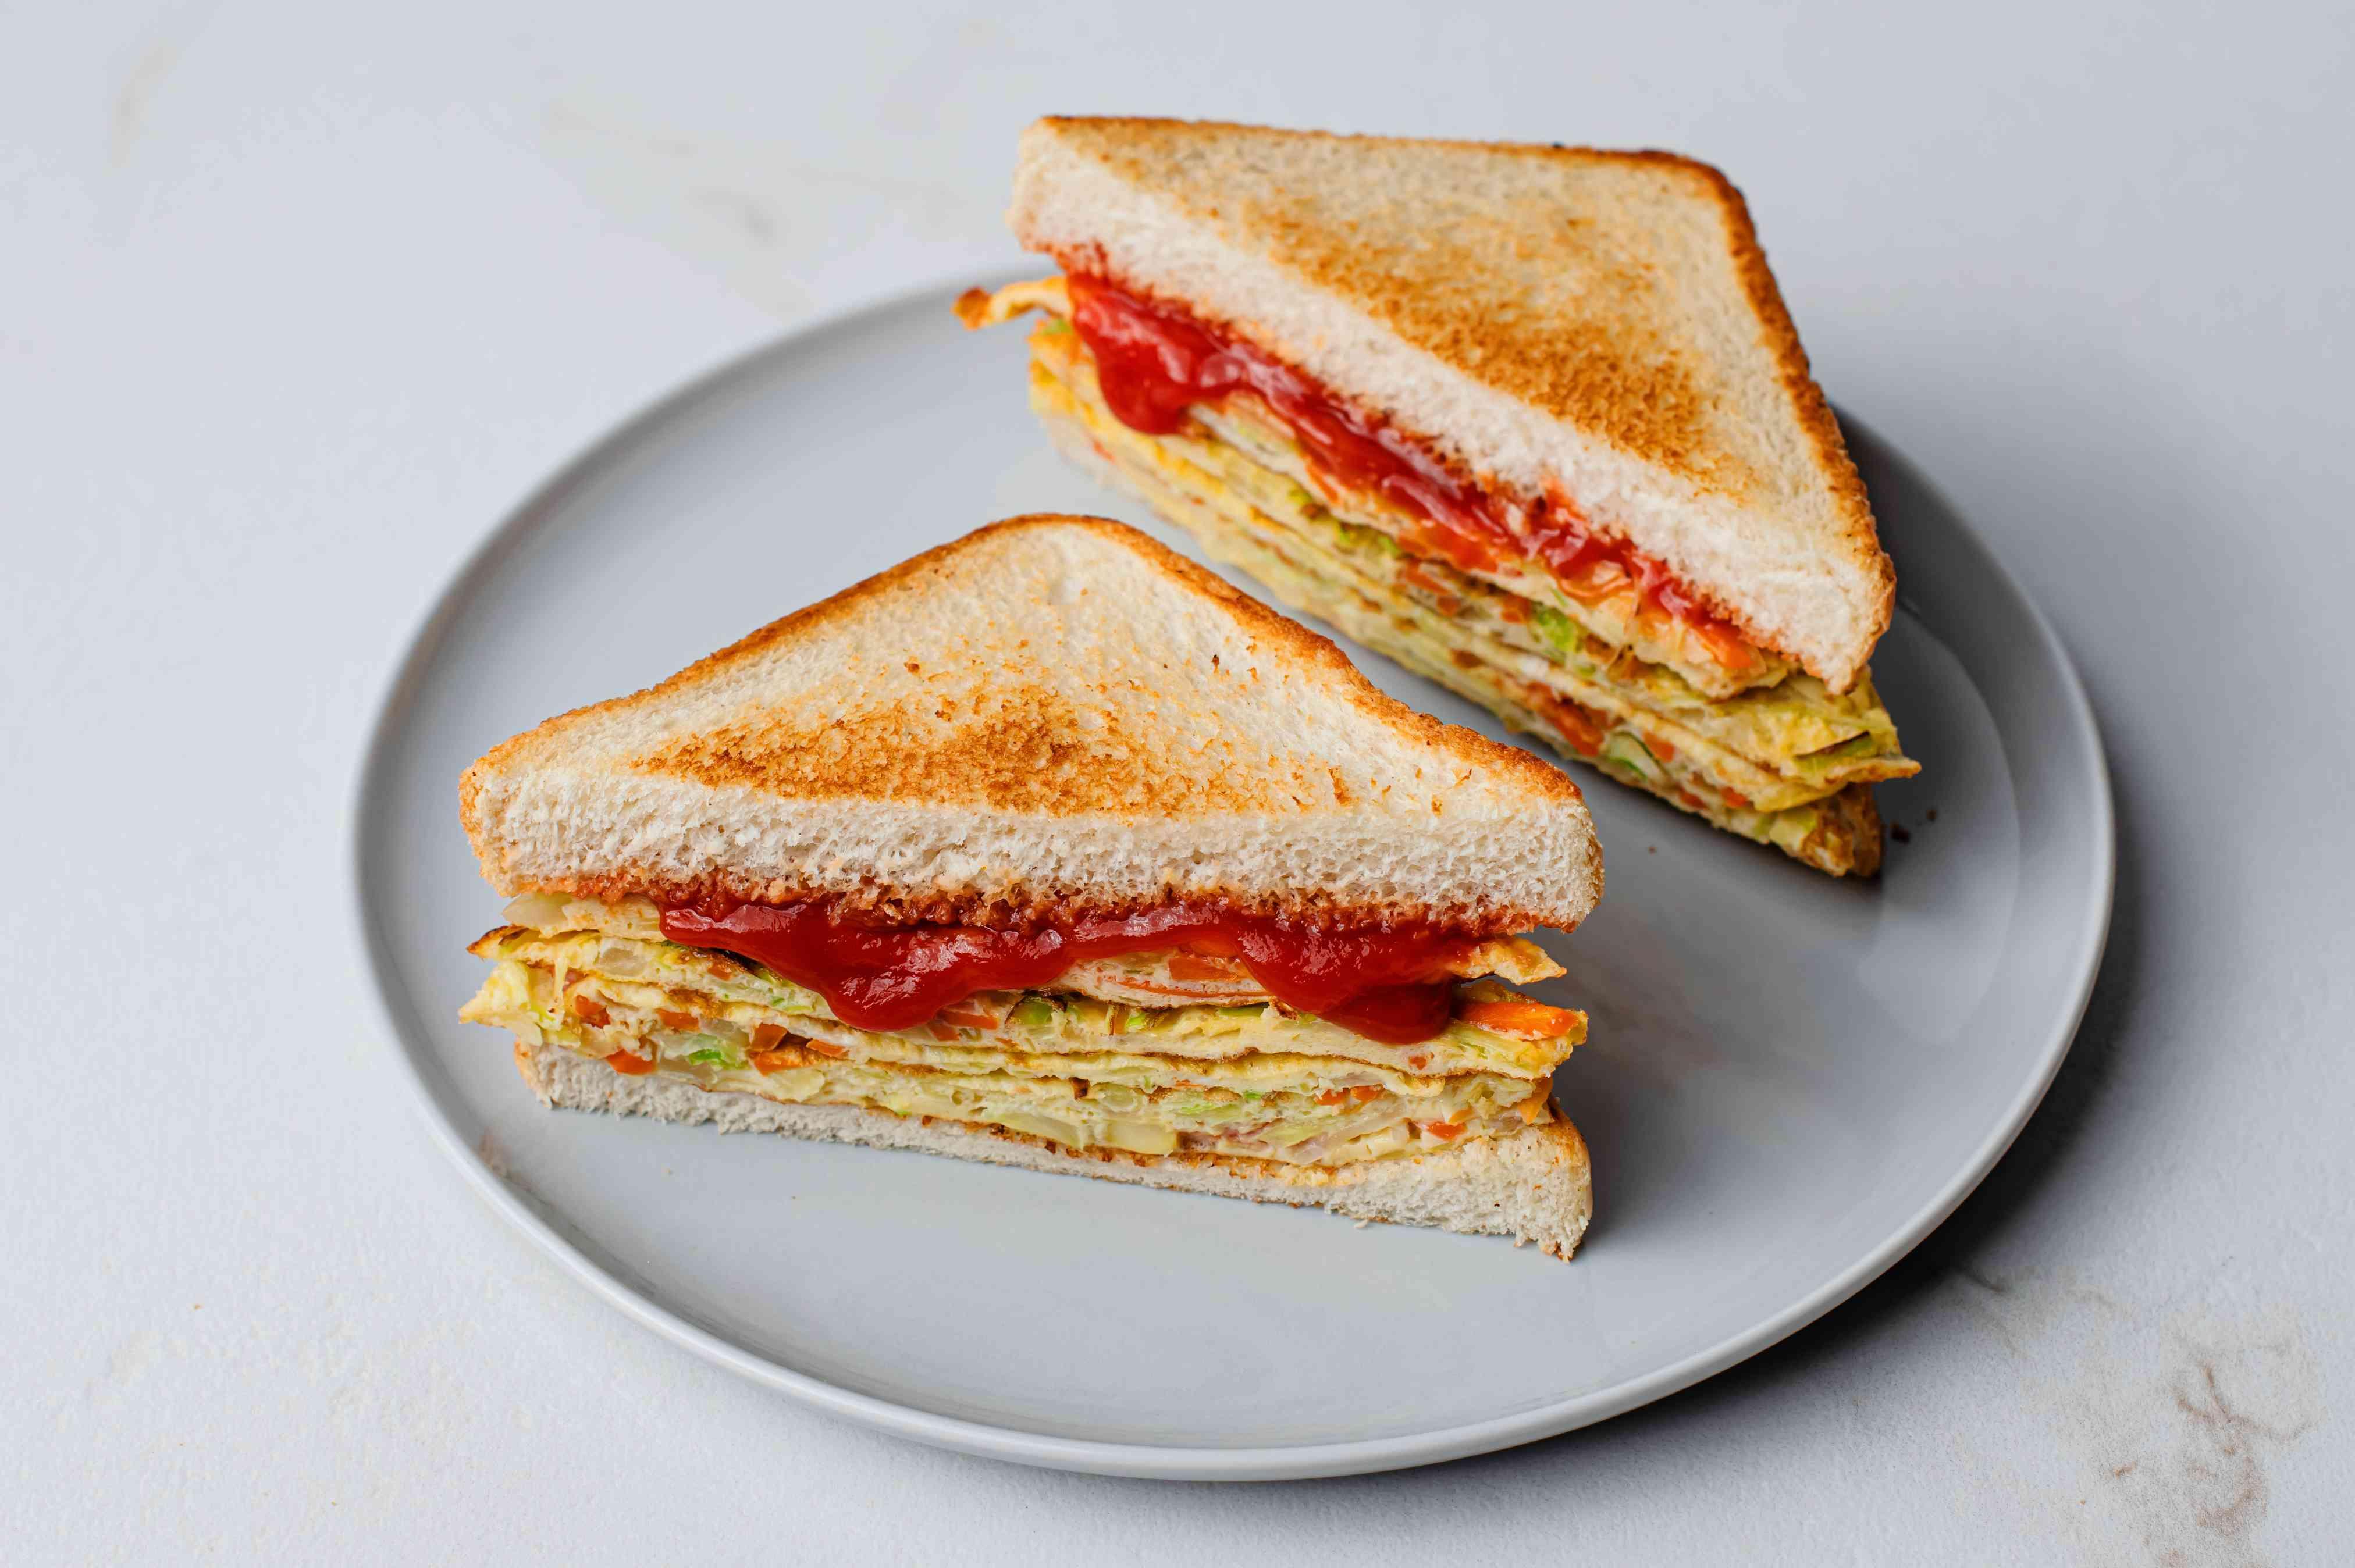 Korean Egg Sandwich